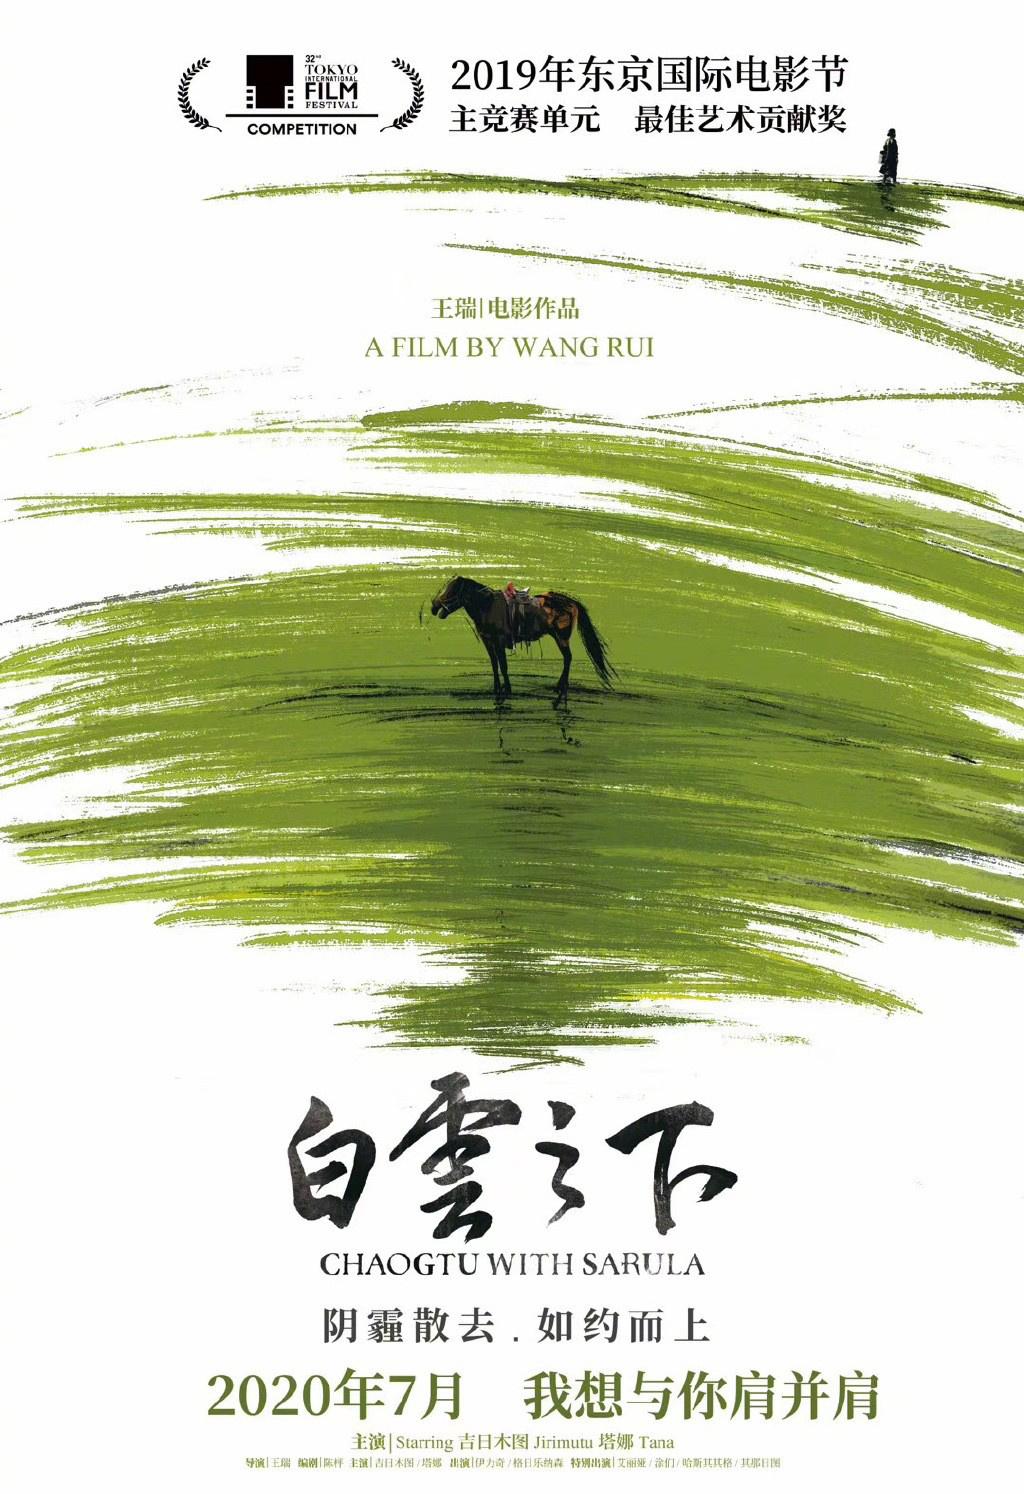 apple developer:《白云之下》官宣7月上岸院线 曾入围东京电影节